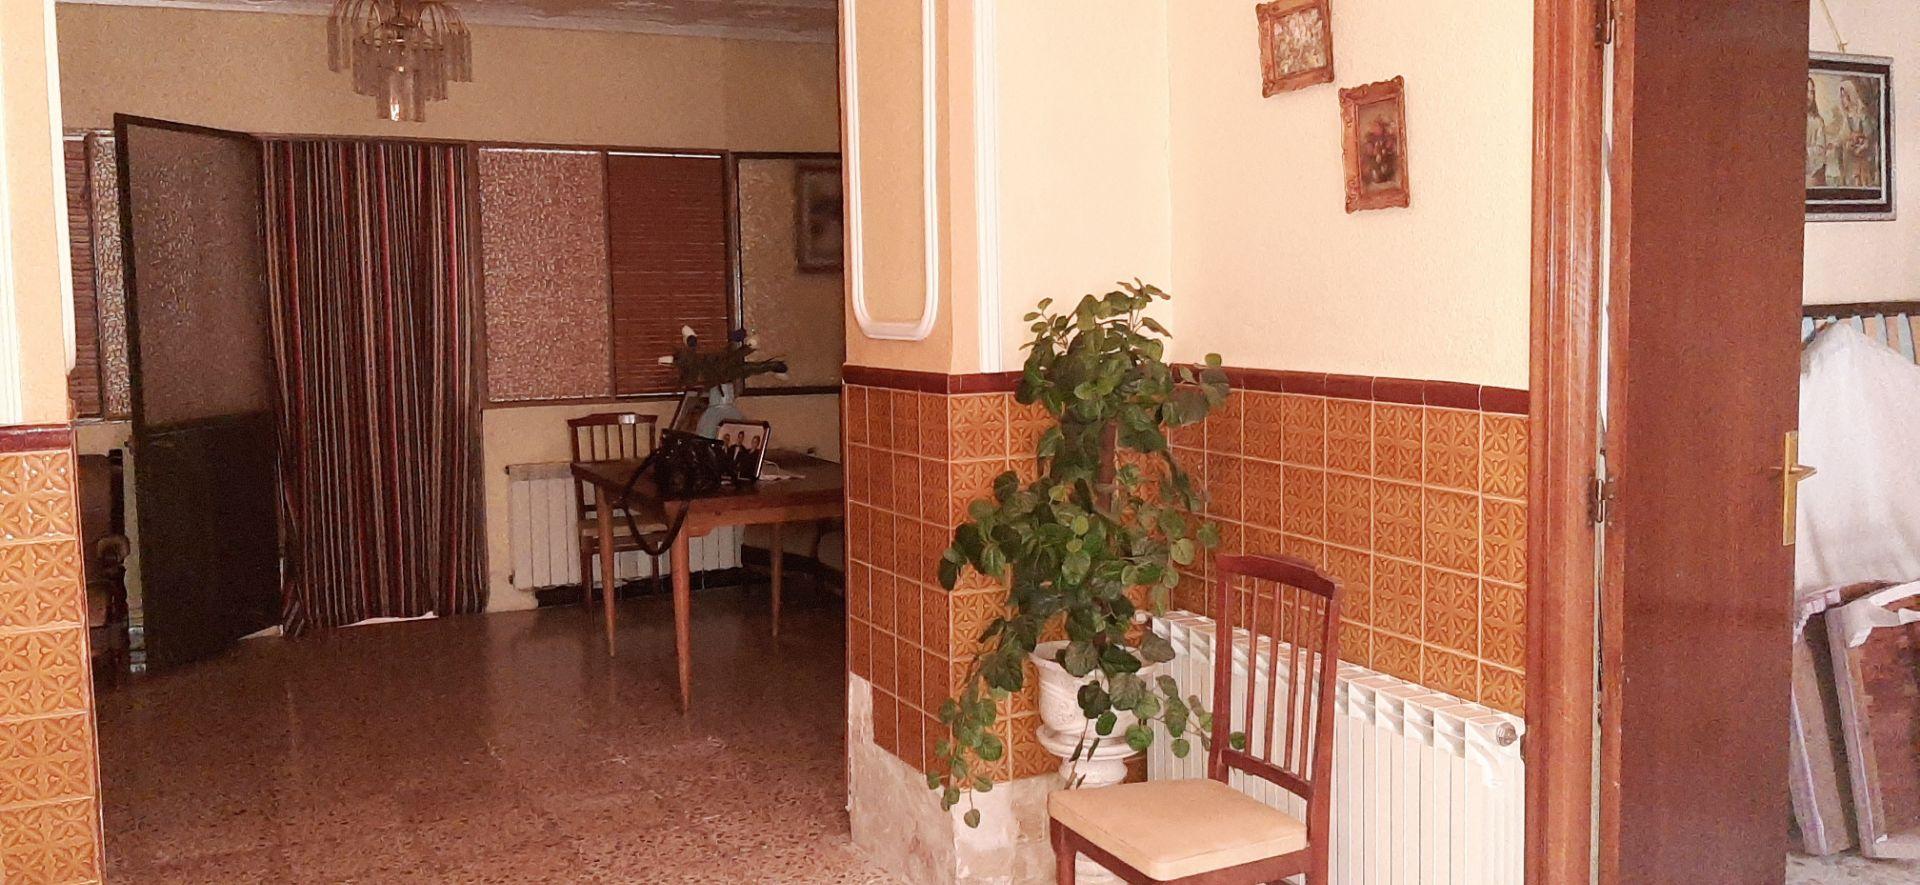 Casa / Chalet en Valdepeñas, venta